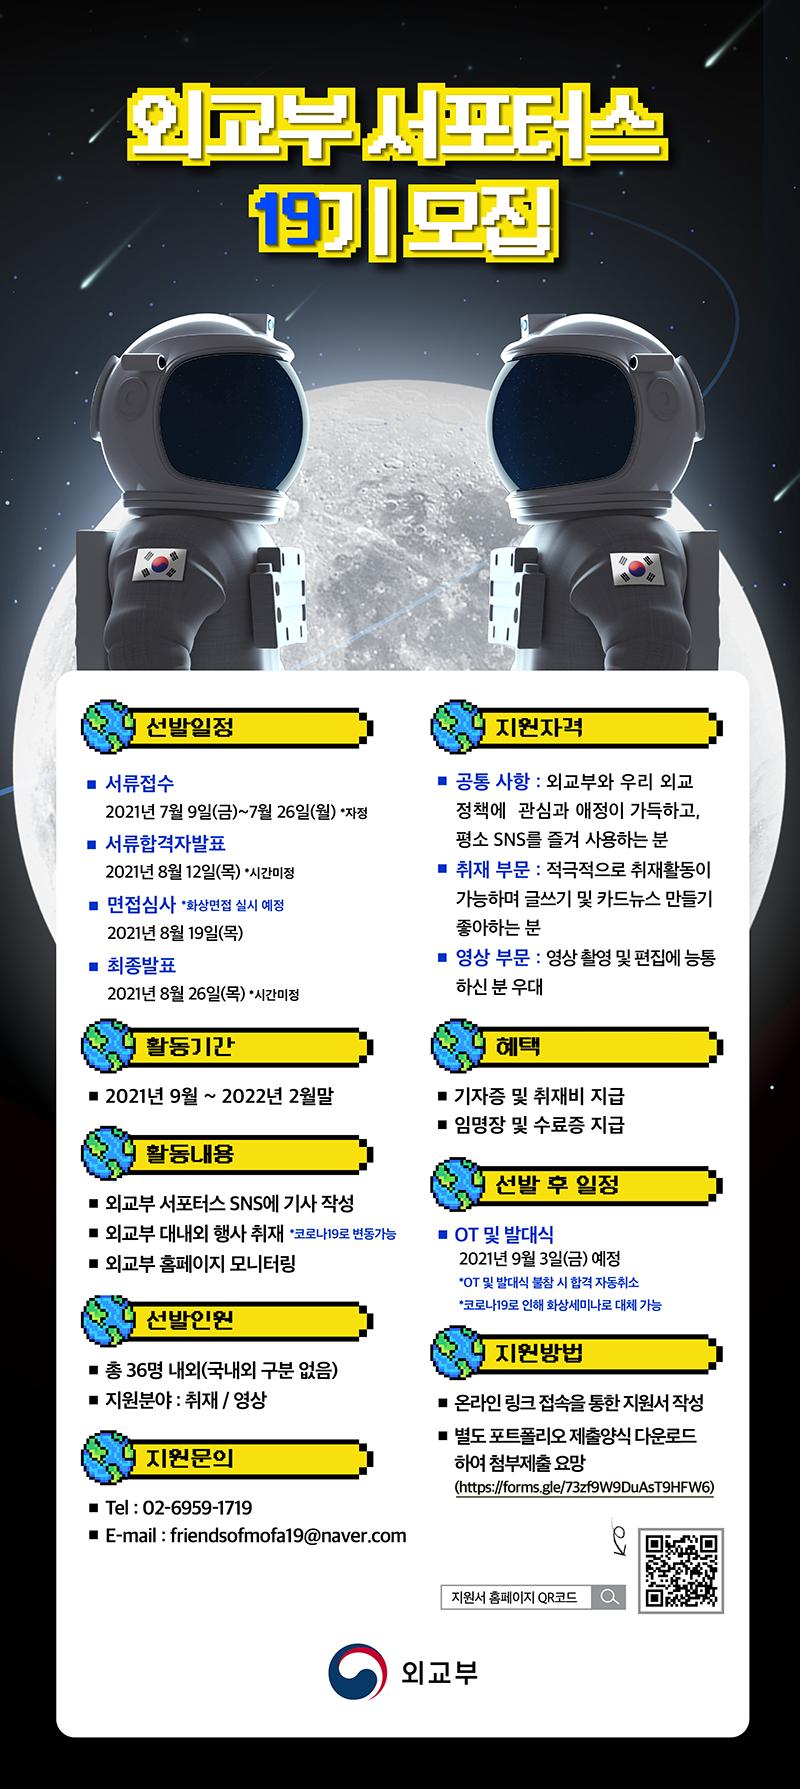 외교부 서포터스 19기 모집